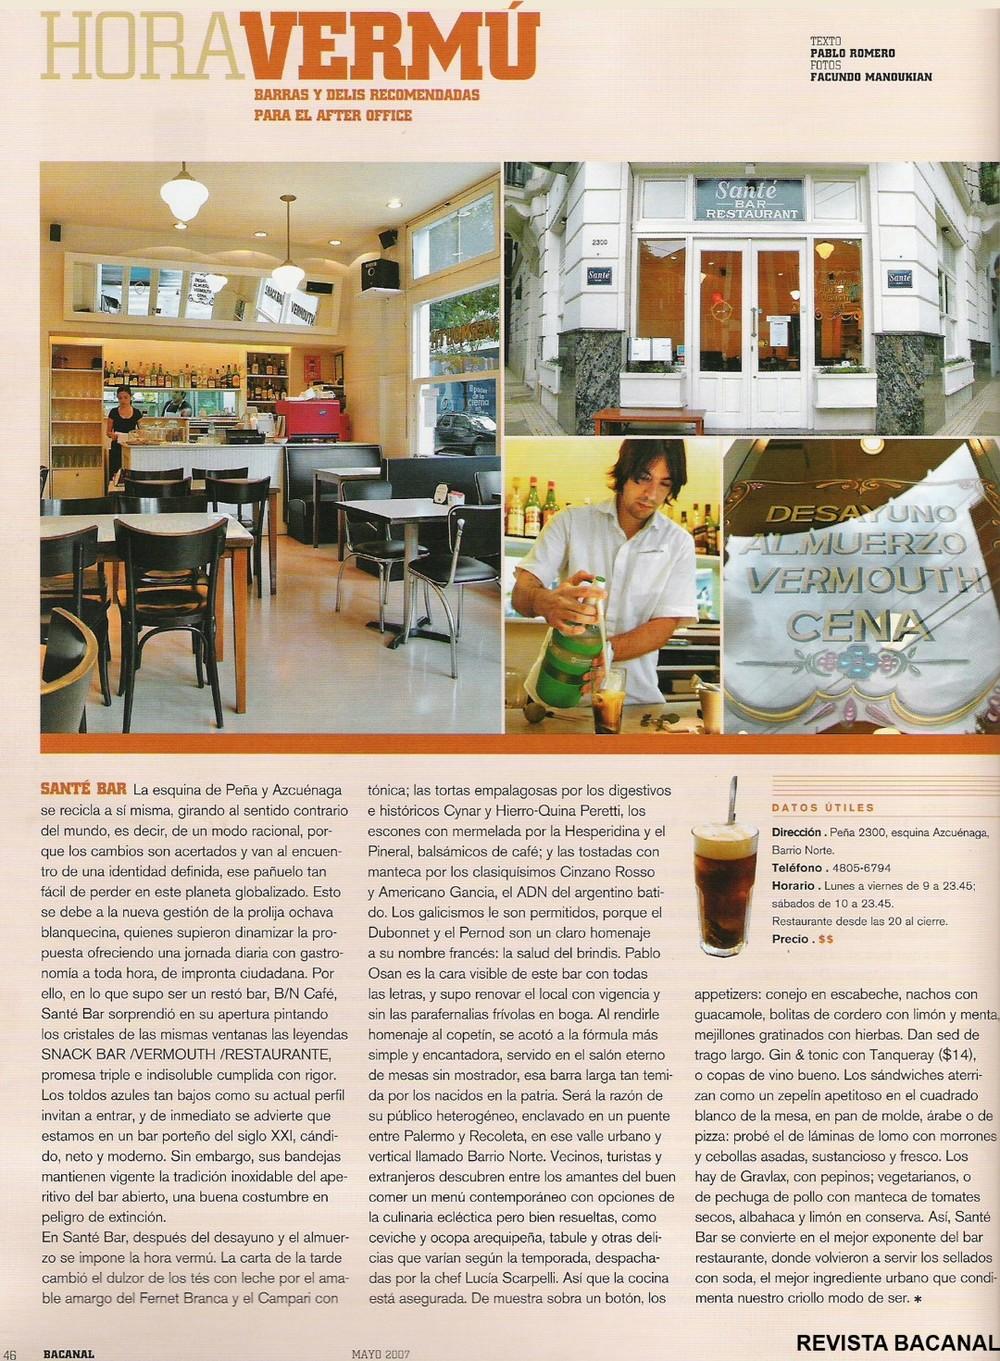 Revista Bacanal - MAY/2007